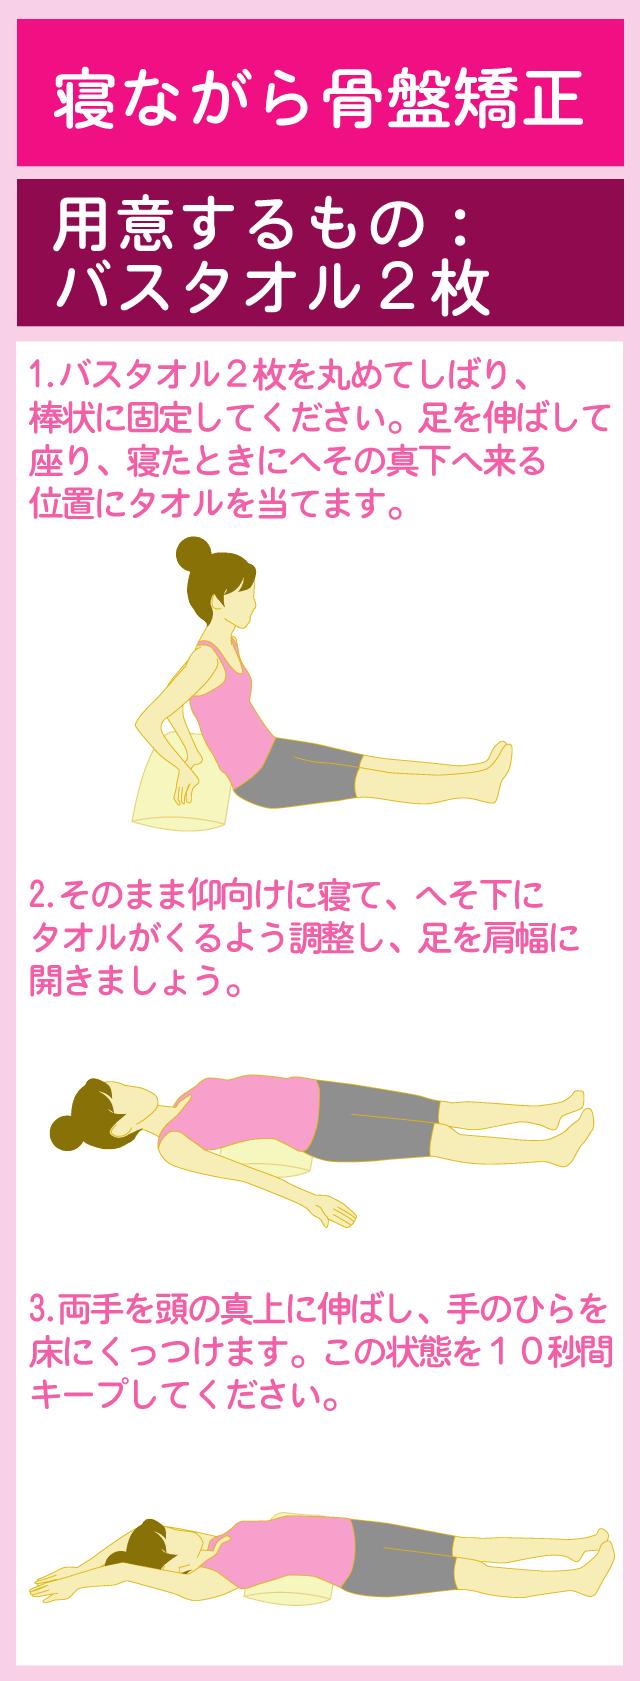 背中の筋肉をほぐす寝るだけストレッチ